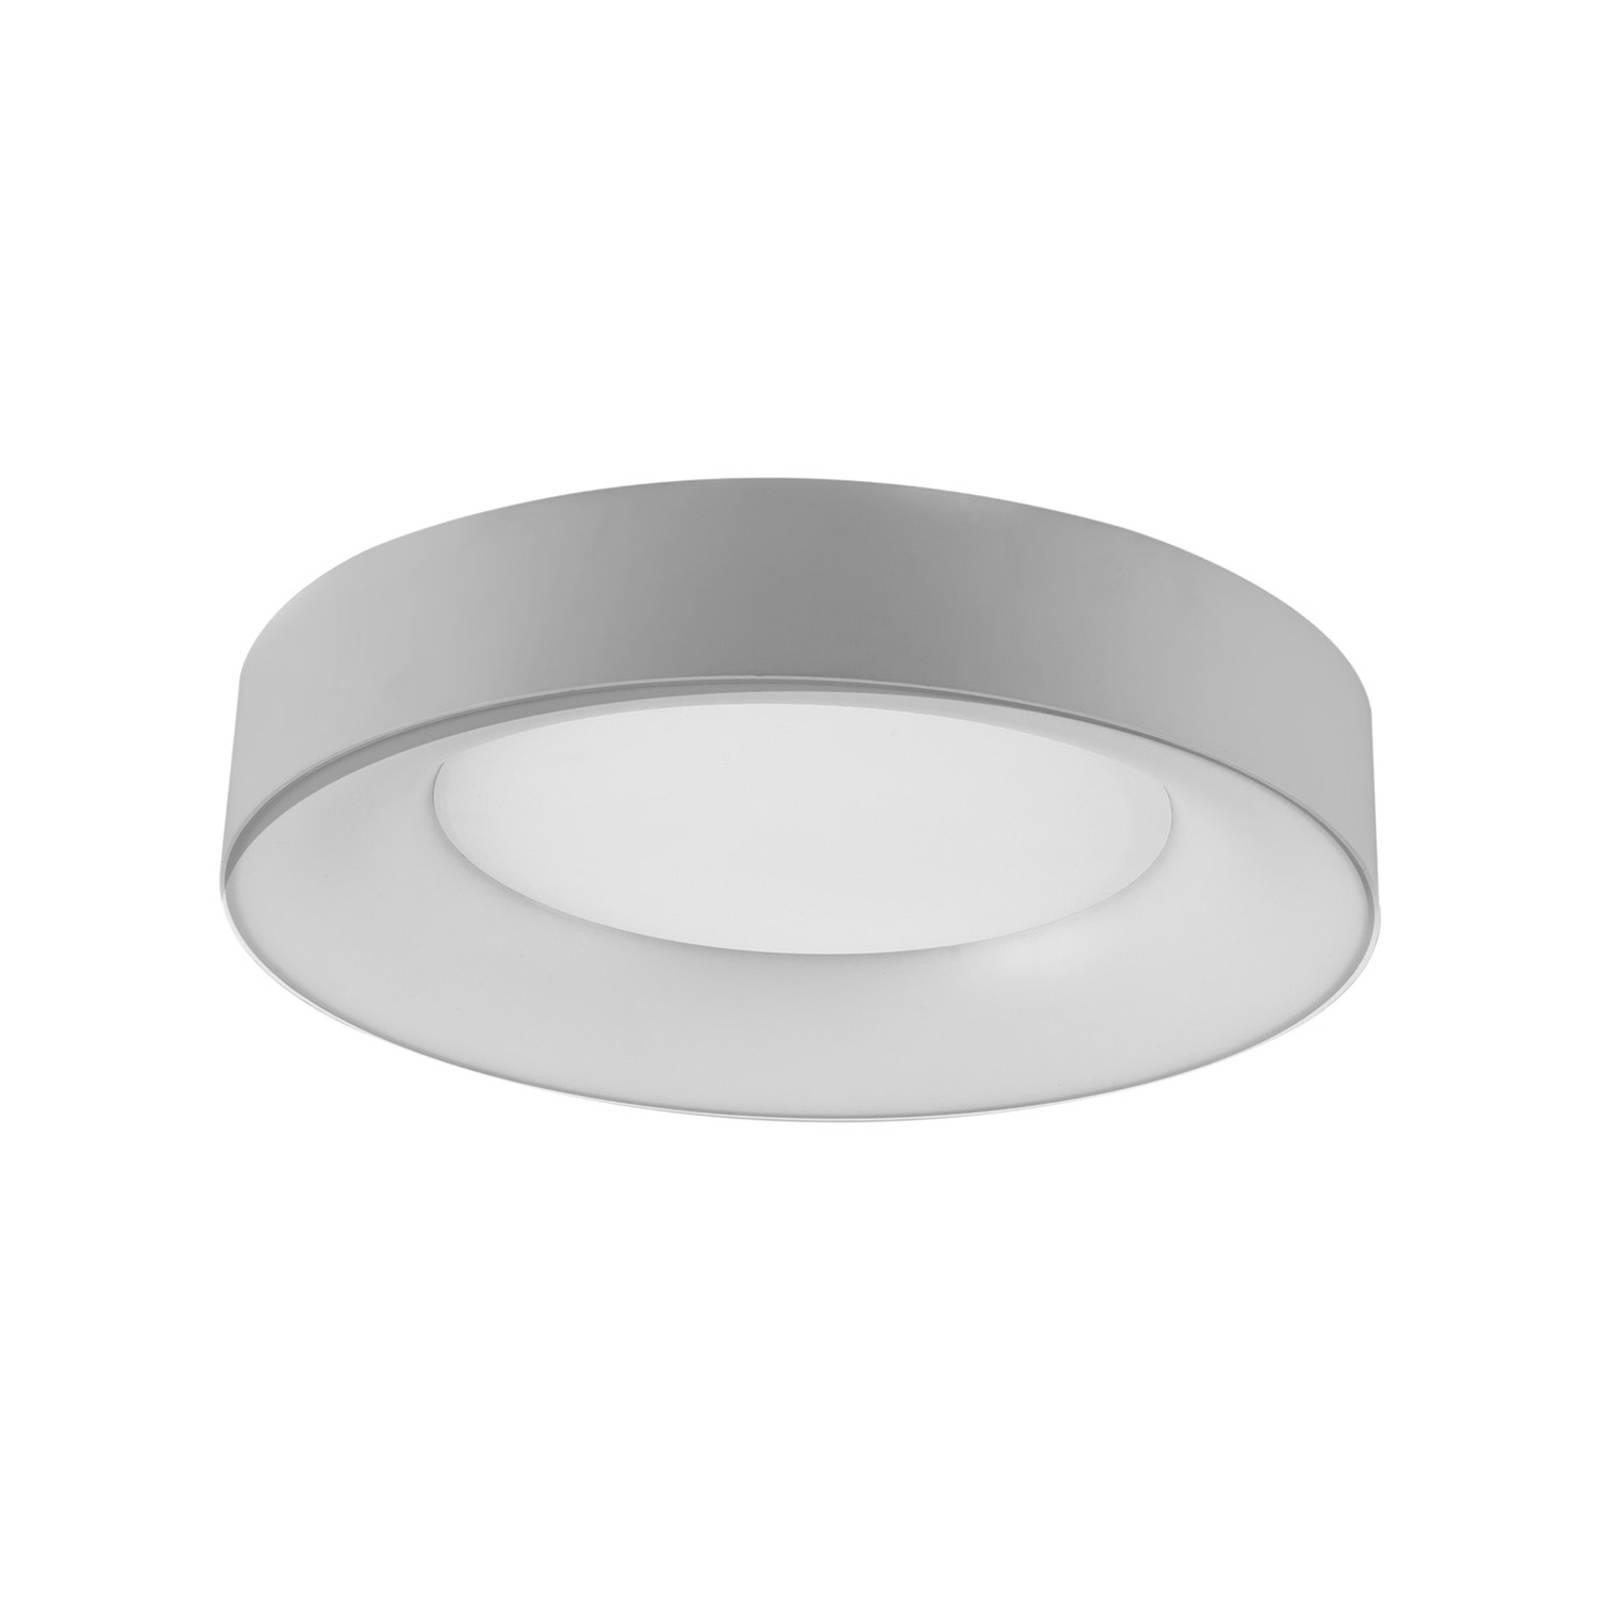 LED-kattovalaisin R40, Ø 40 cm, hopea